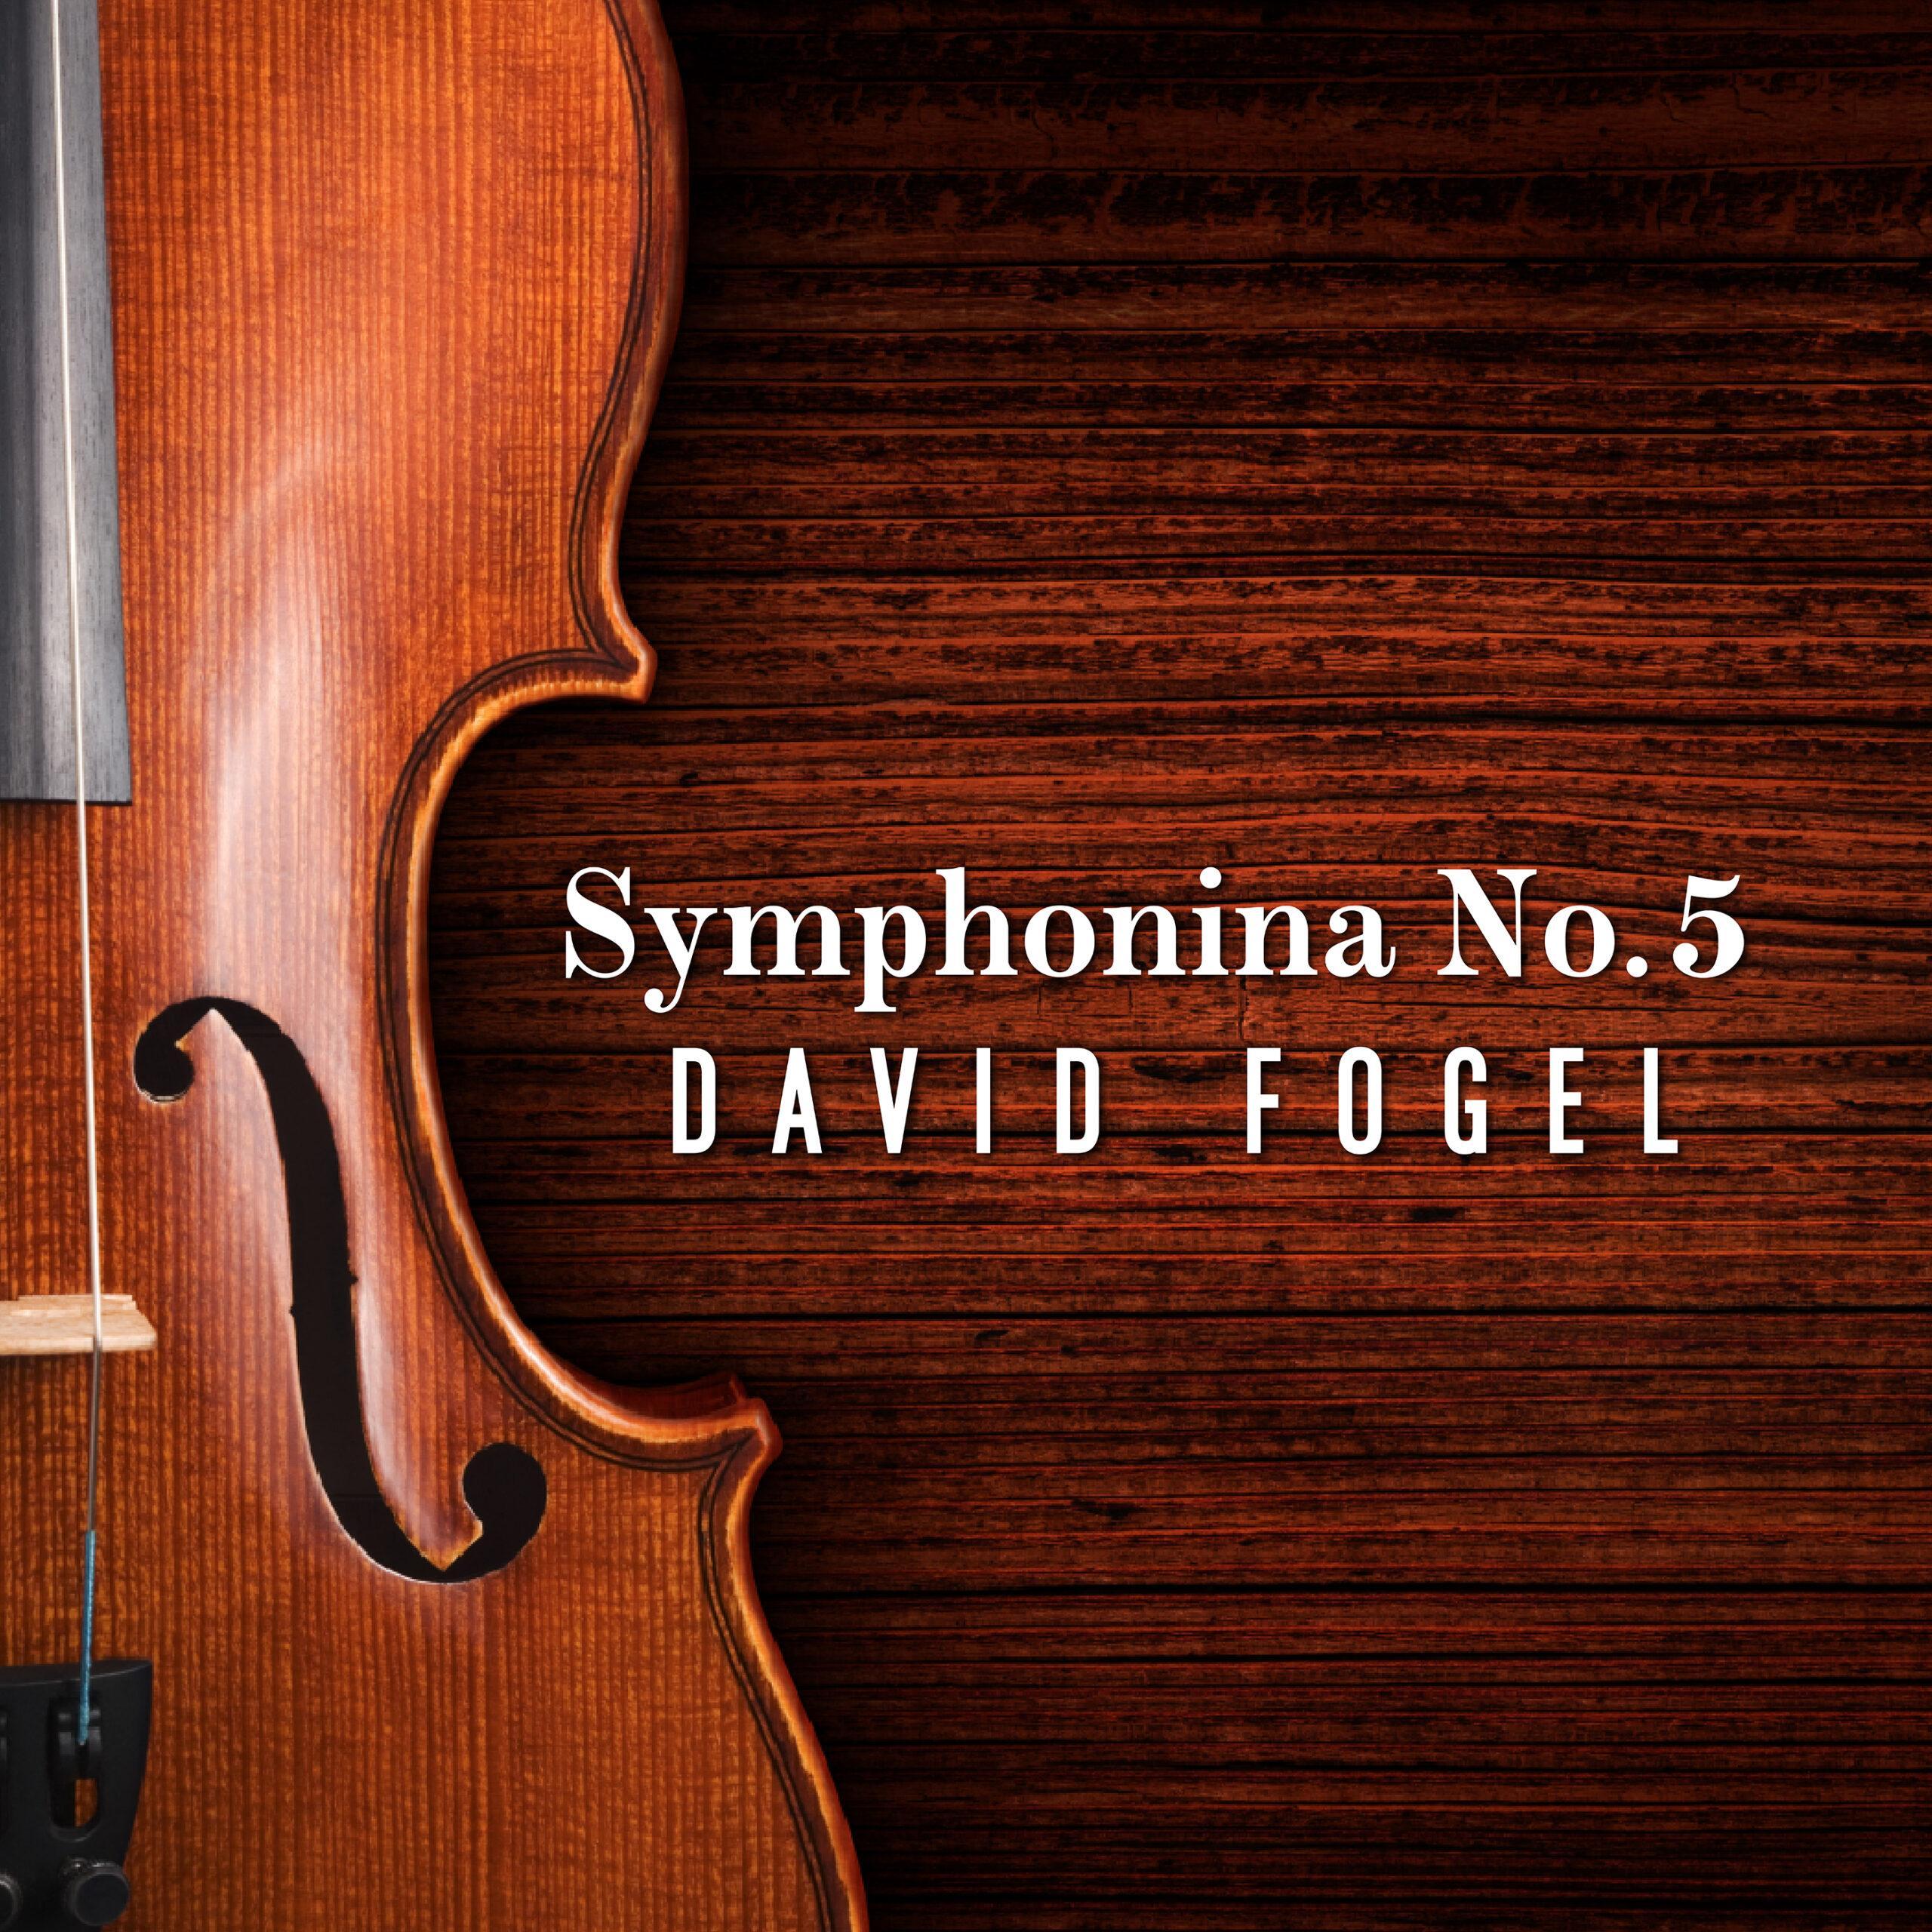 Symphonina No. 4